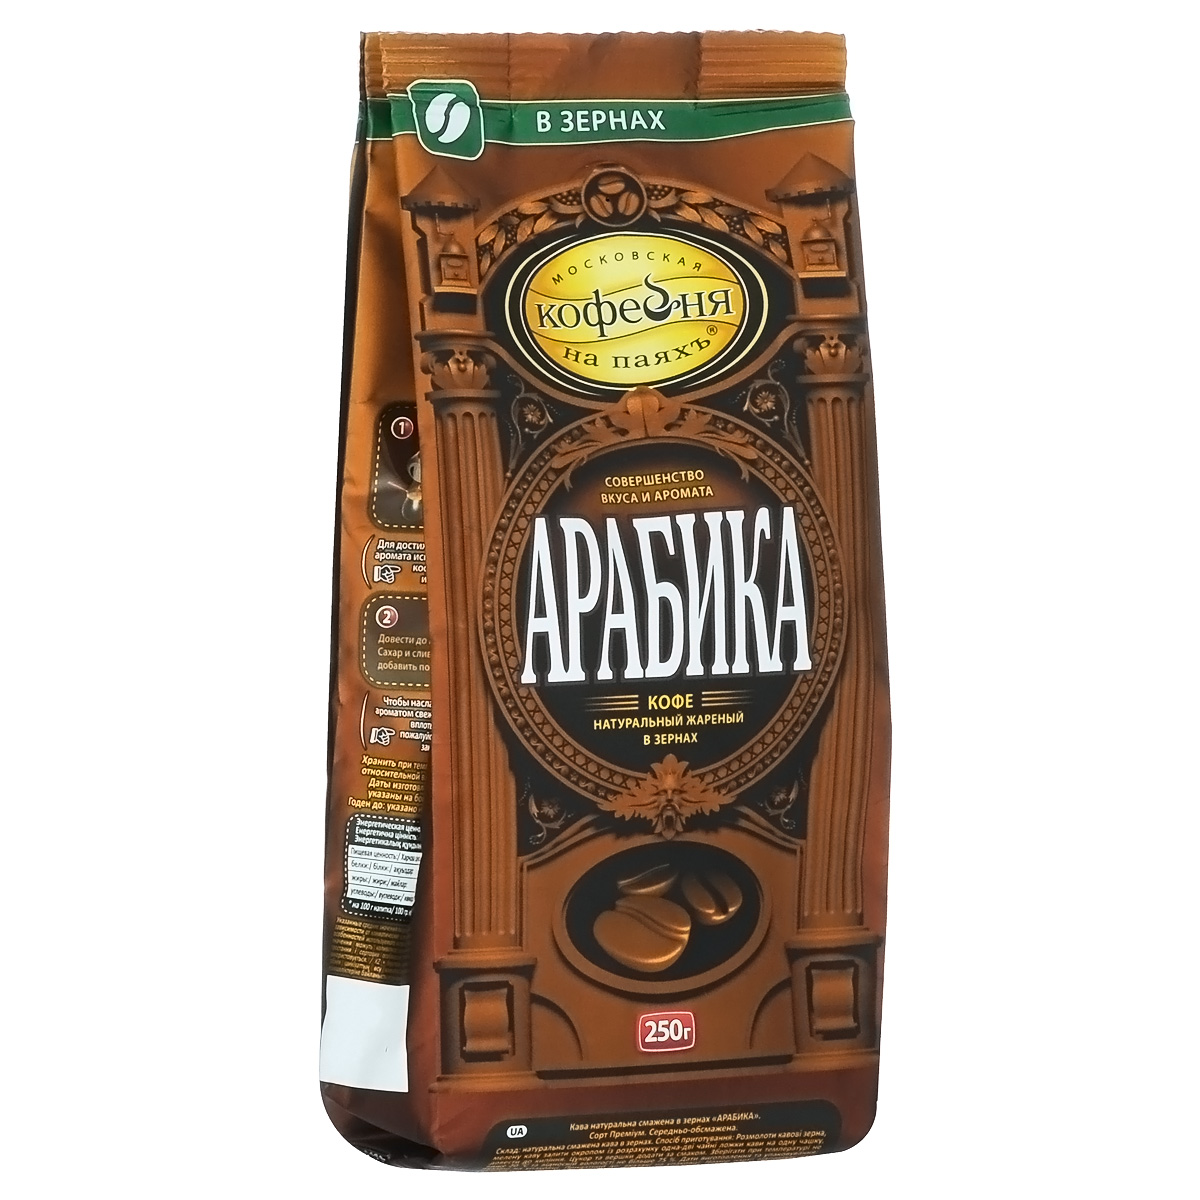 купить Московская кофейня на паяхъ Арабика кофе в зернах, 250 г недорого